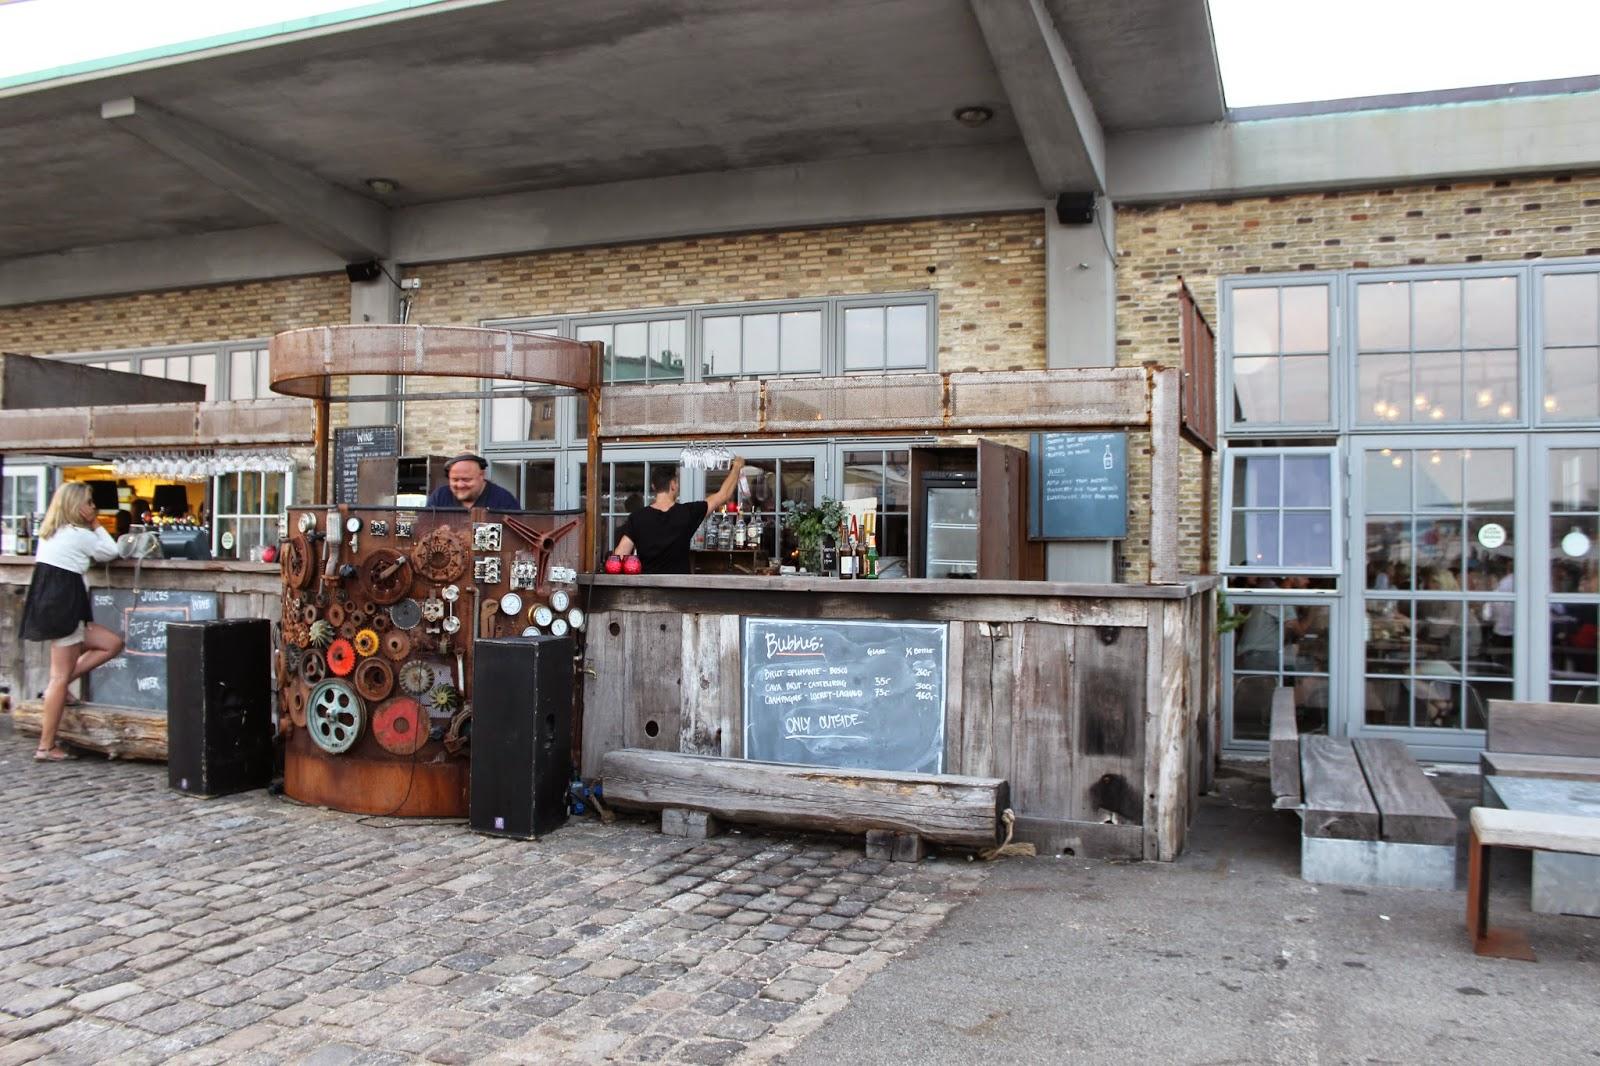 una cena indimenticabile a copenhagen: fish&chips sul porto da toldboden